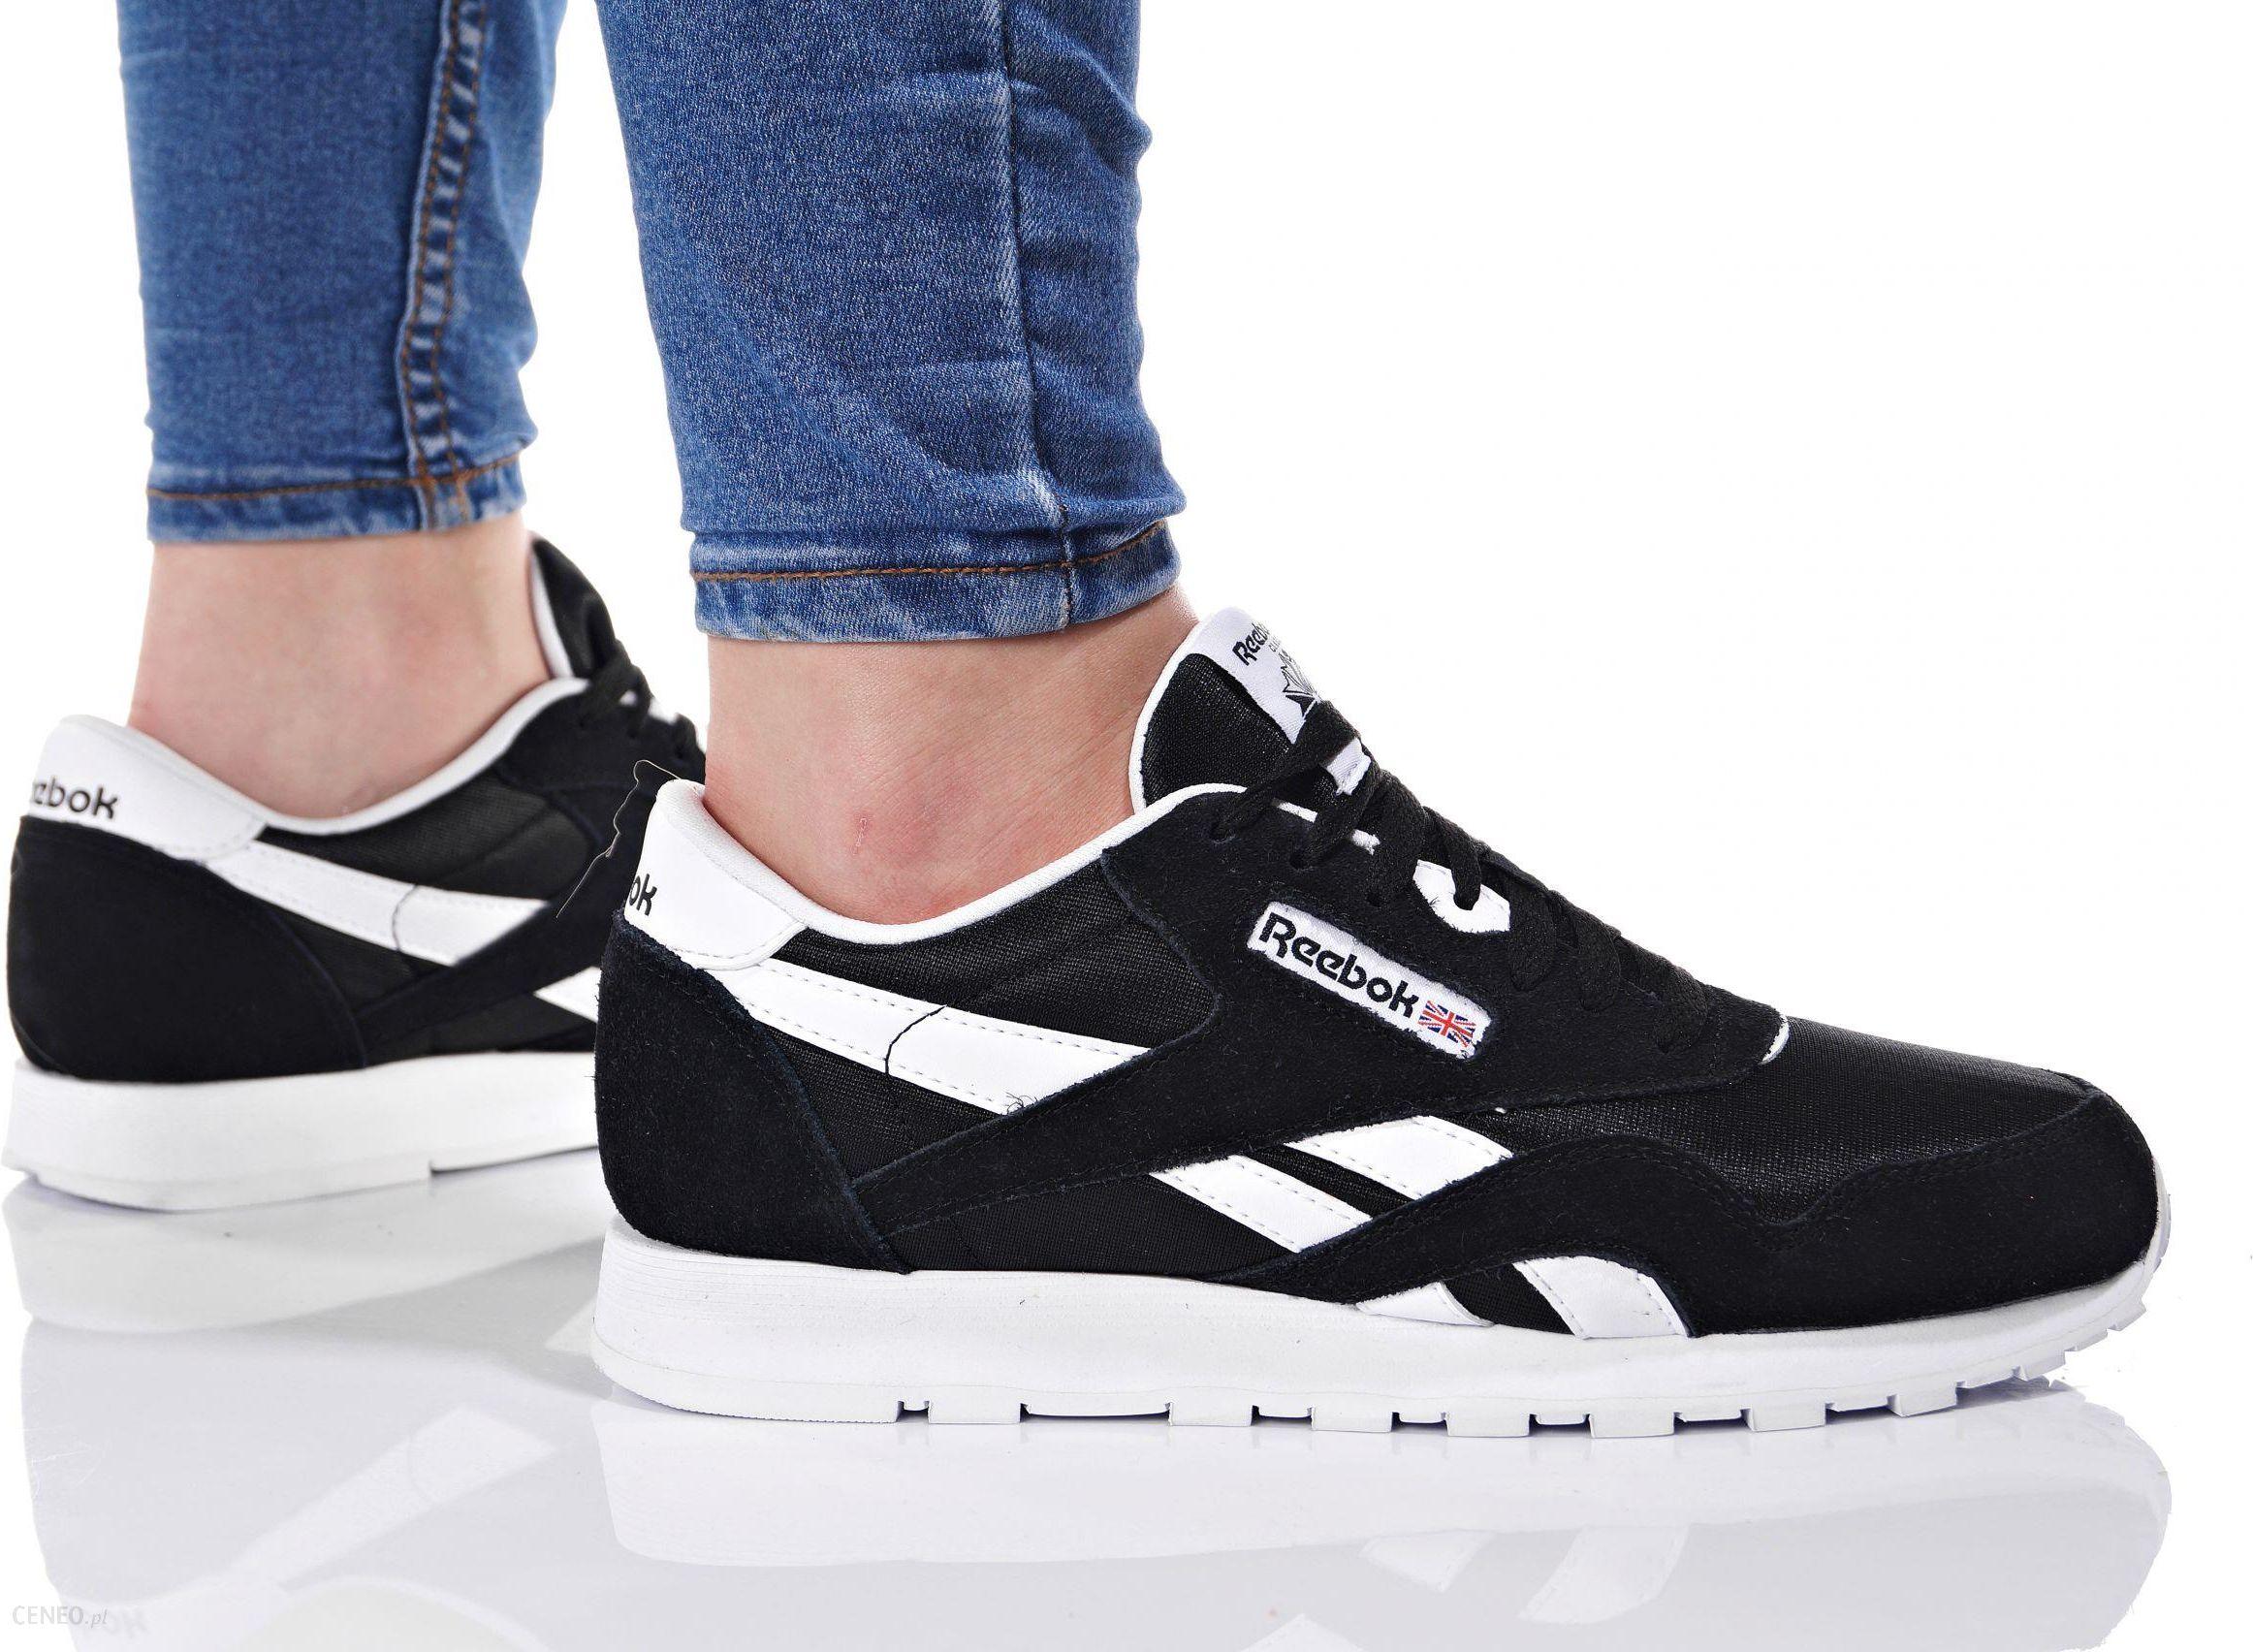 Reebok Buty dziecięce J21506 CL Nylon Buty chłopięce czarne w